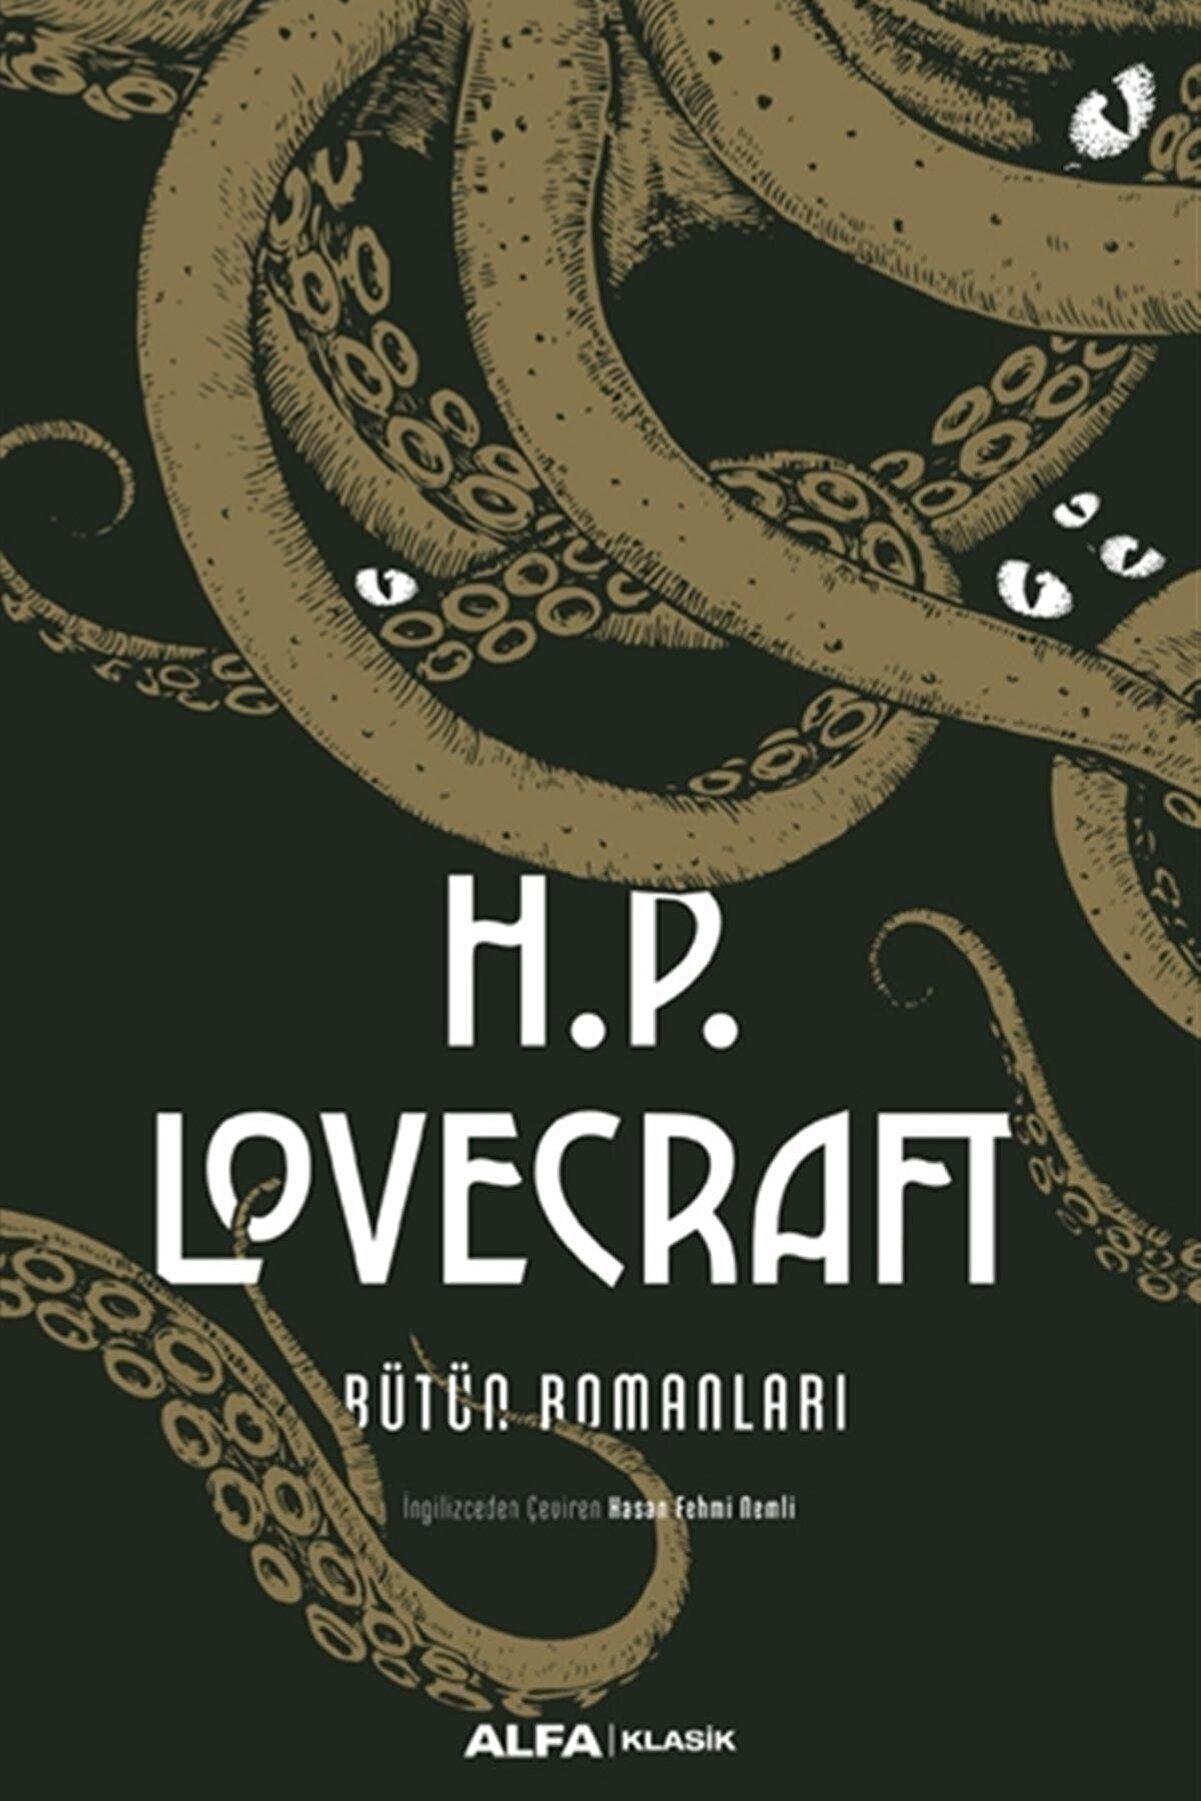 Alfa Yayınları H.p. Lovecraft Bütün Romanları